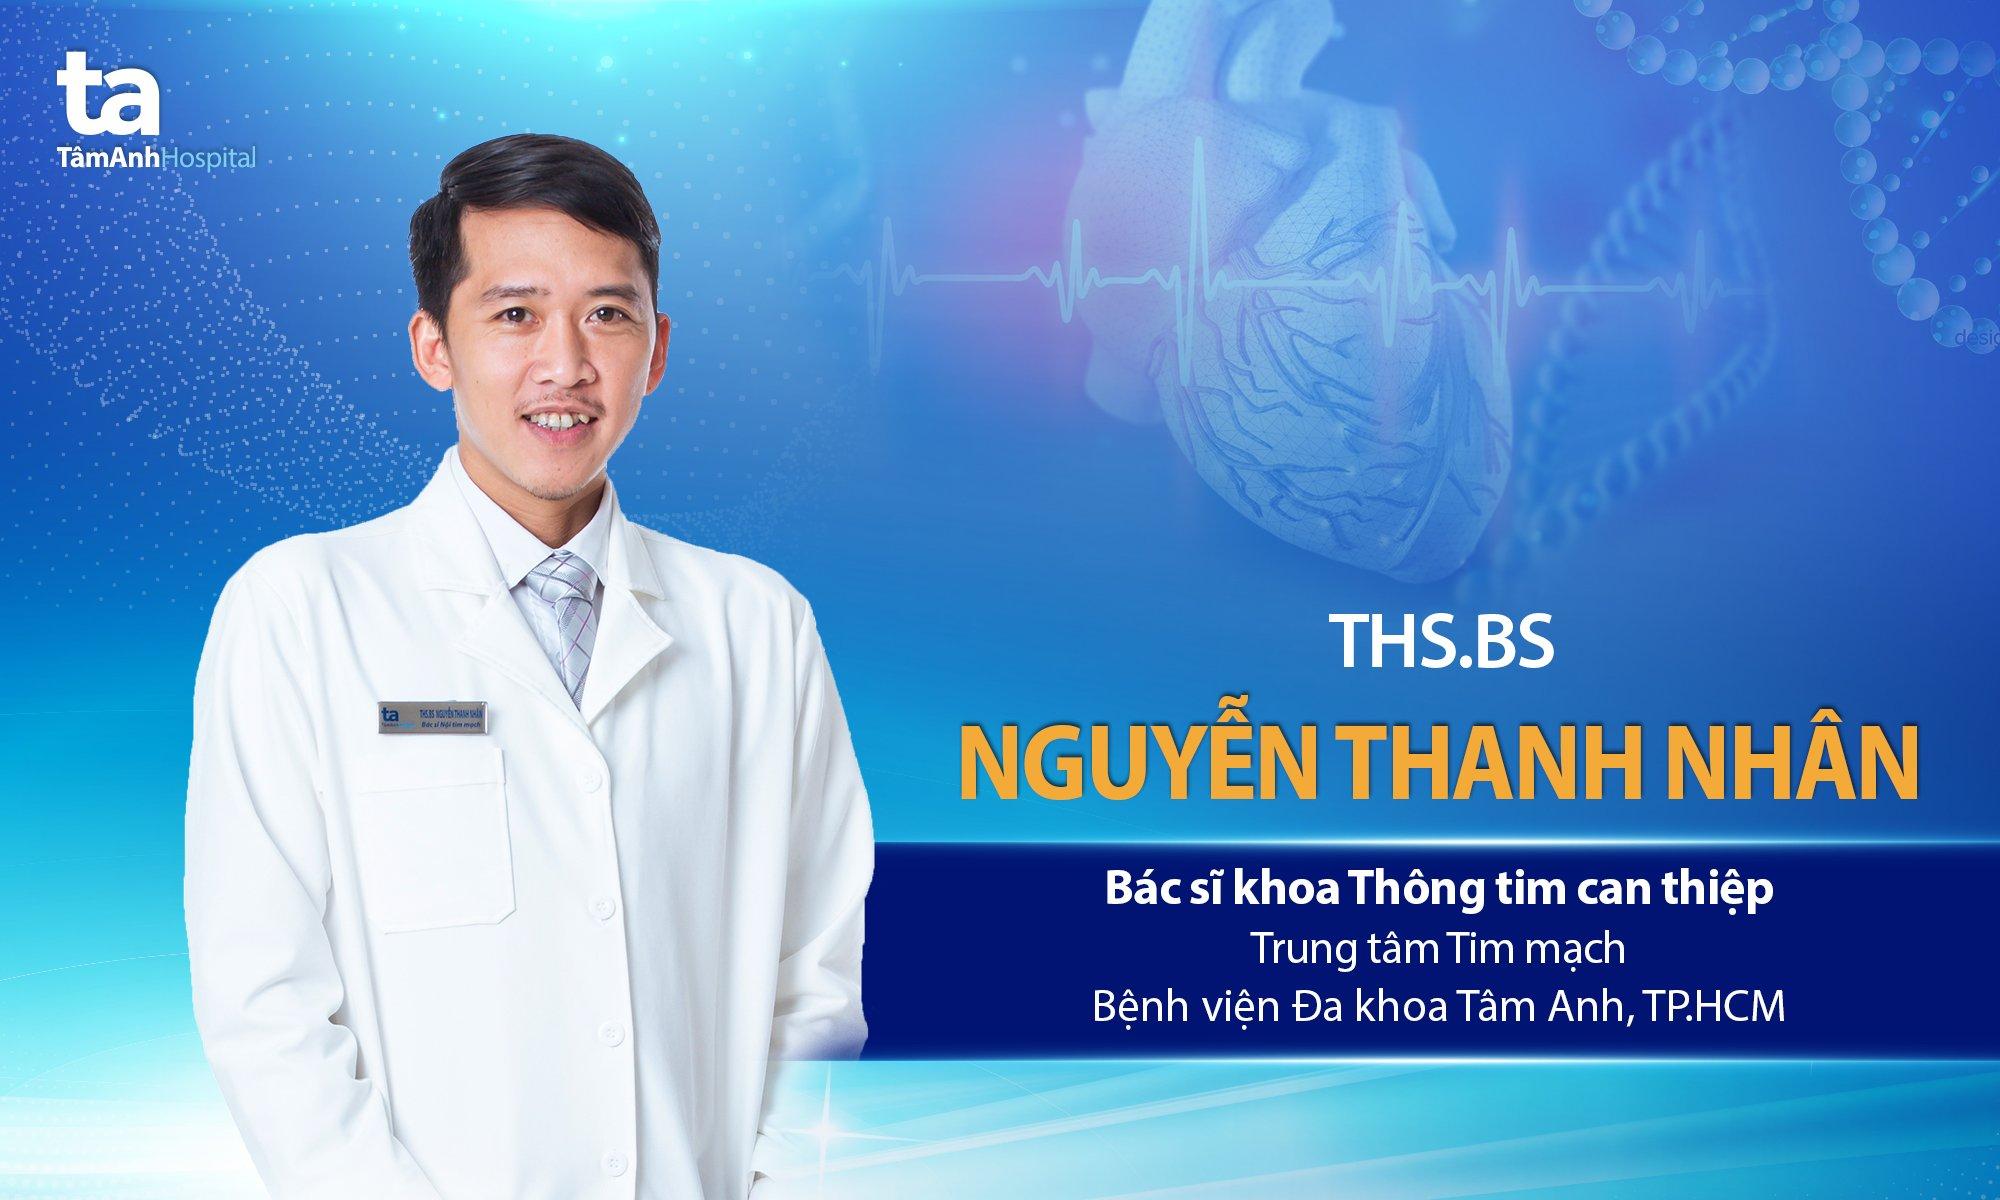 ThS.BS Nguyễn Thanh Nhân